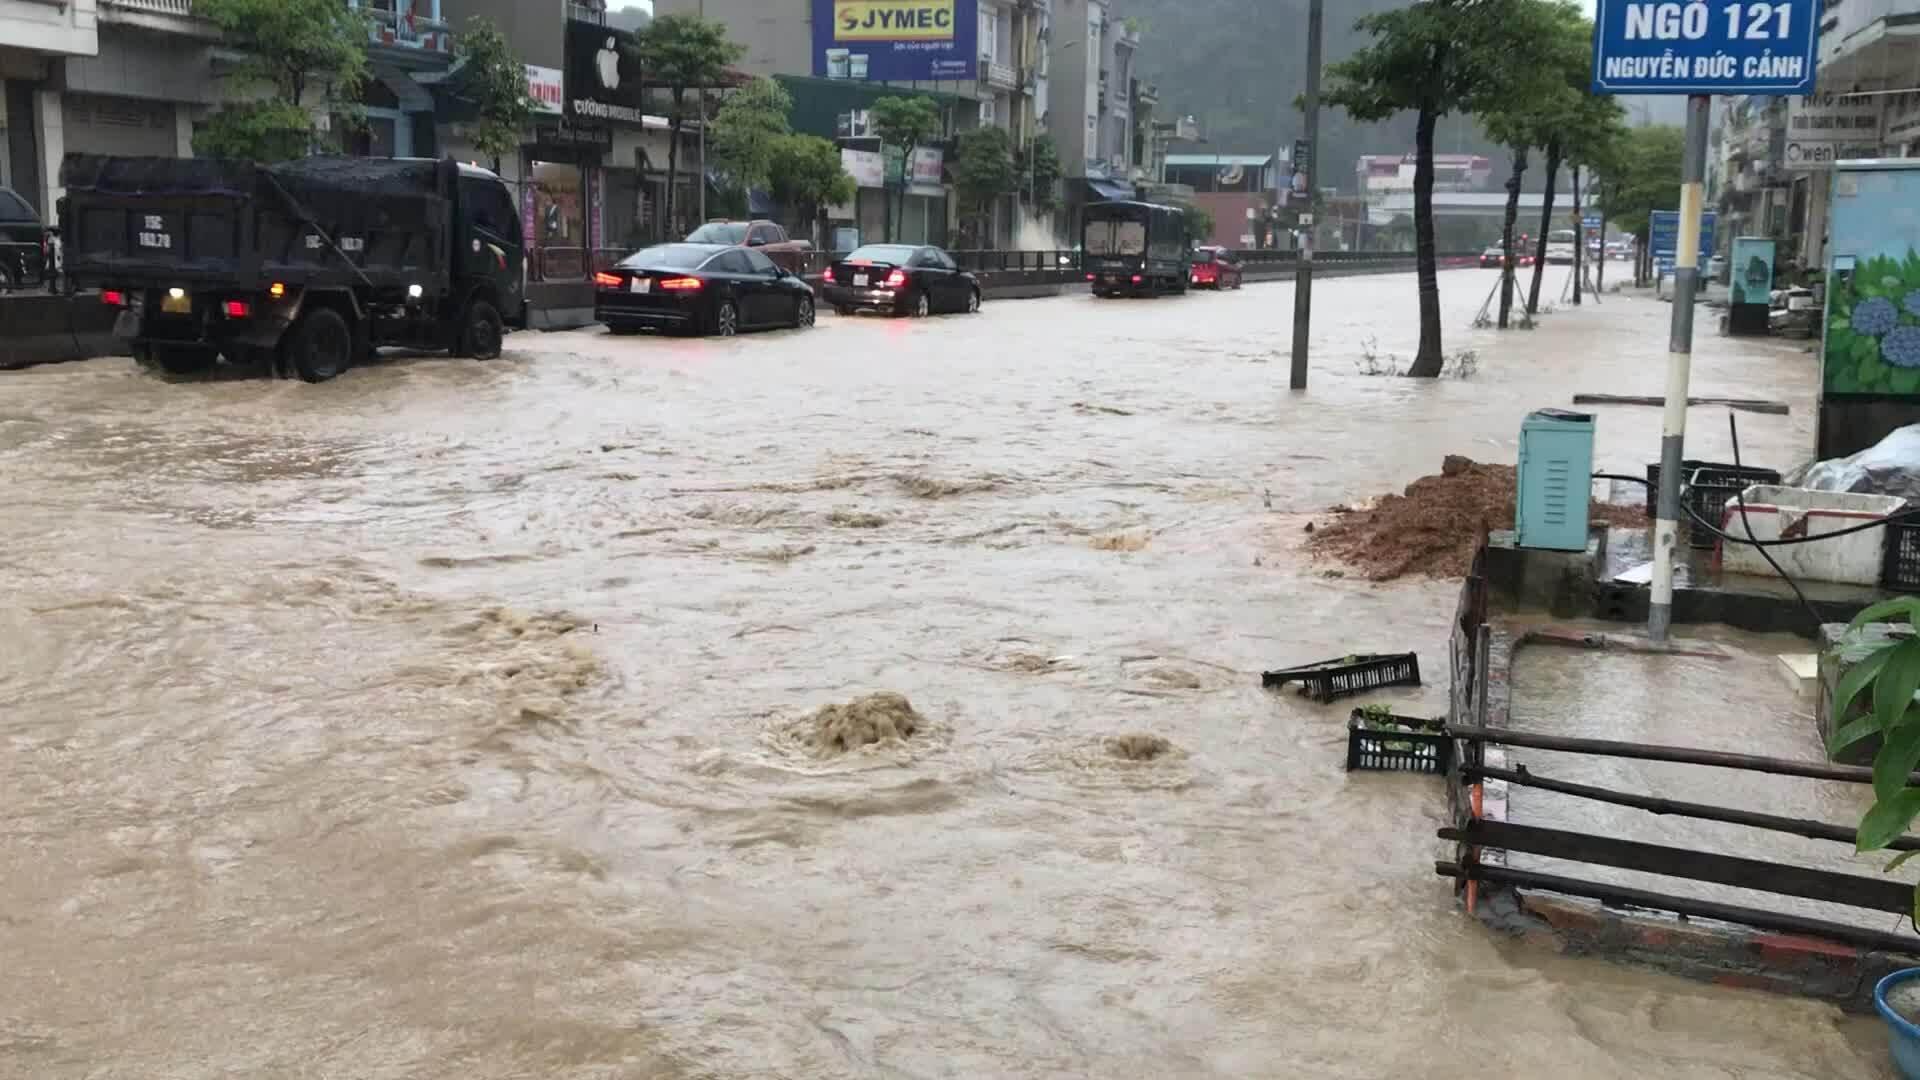 Video Mưa lớn gây ngập nhiều khu vực trên quốc lộ